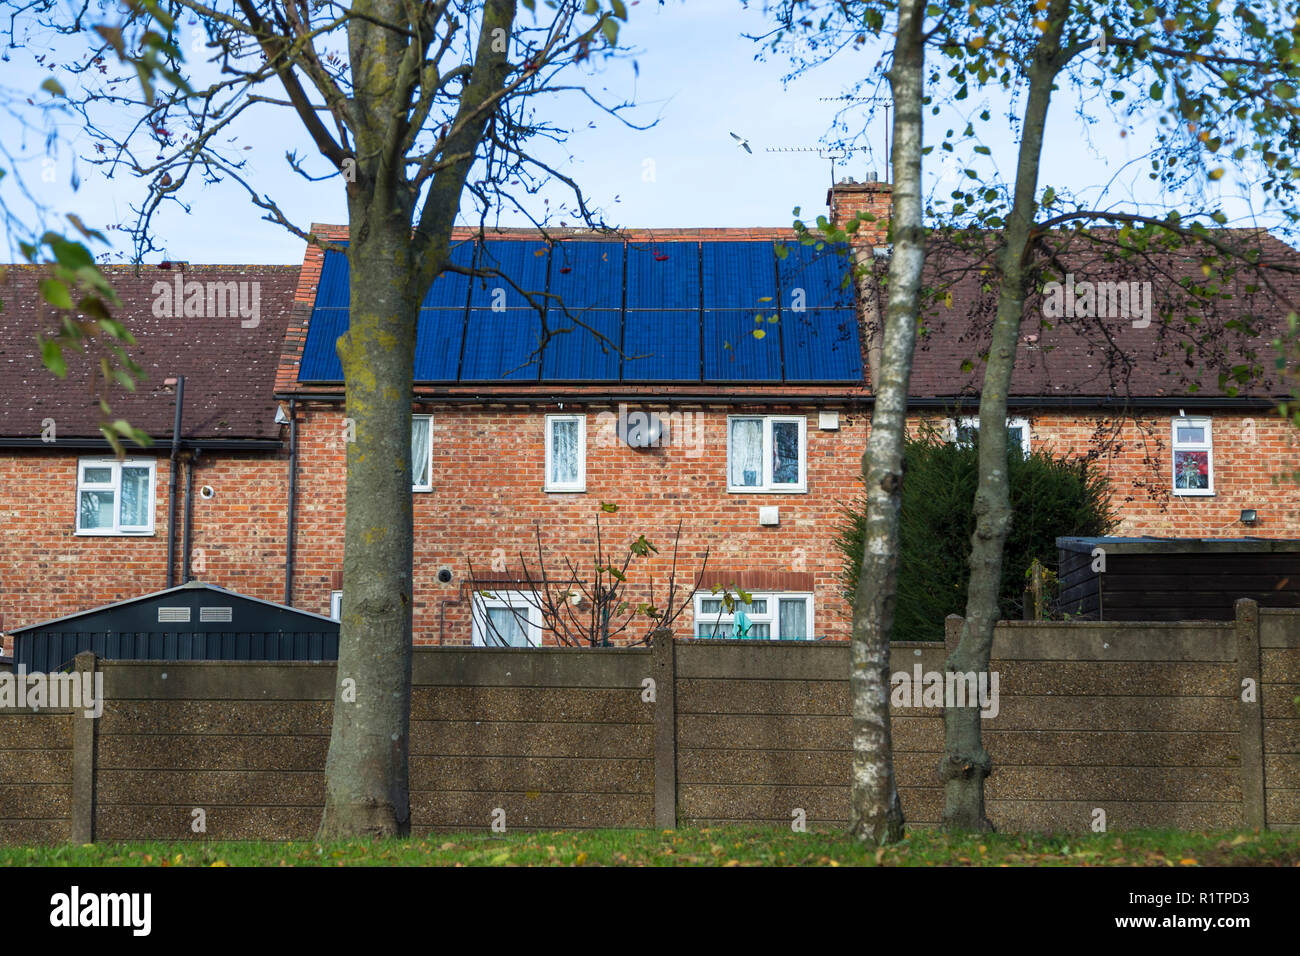 Casa de ladrillo techo cubierto con paneles solares, reino unido Imagen De Stock